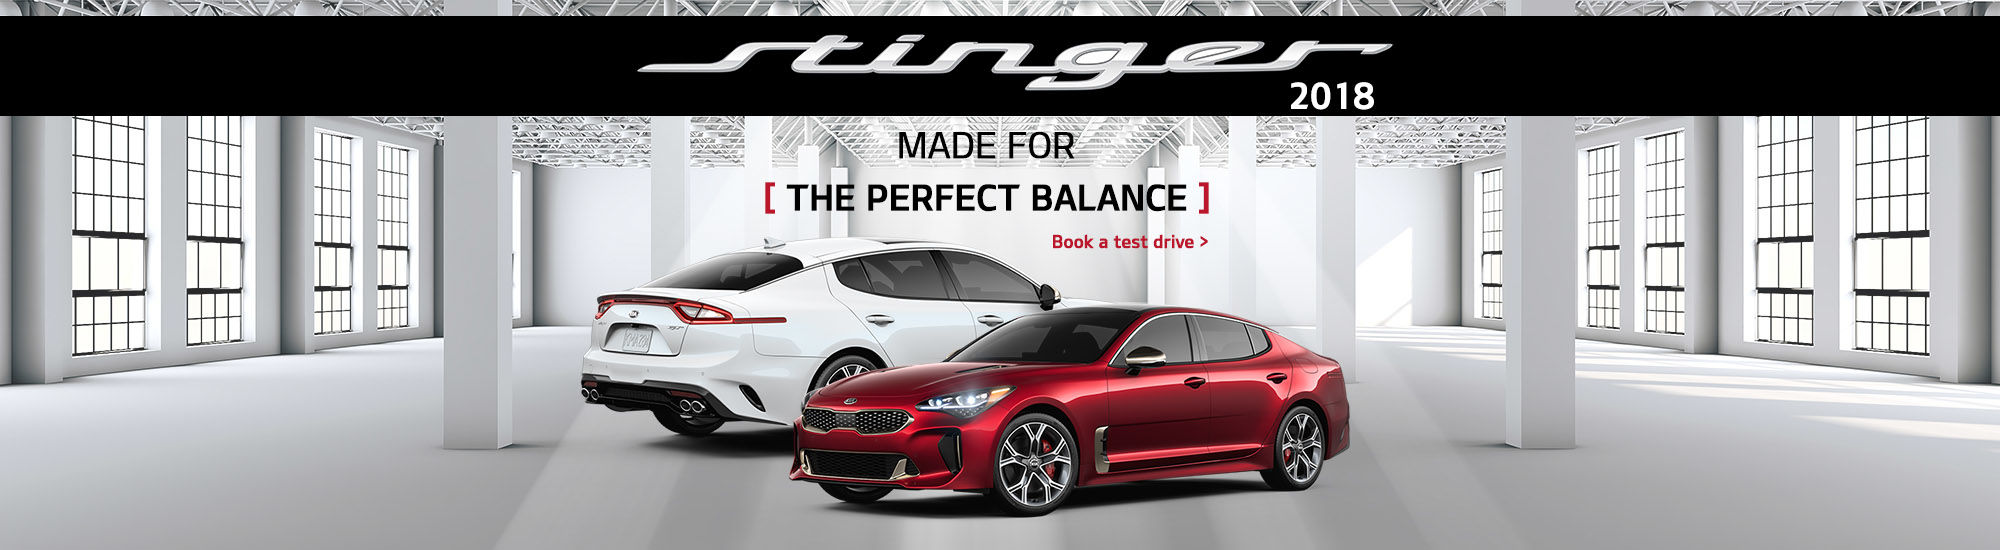 2018 Stinger